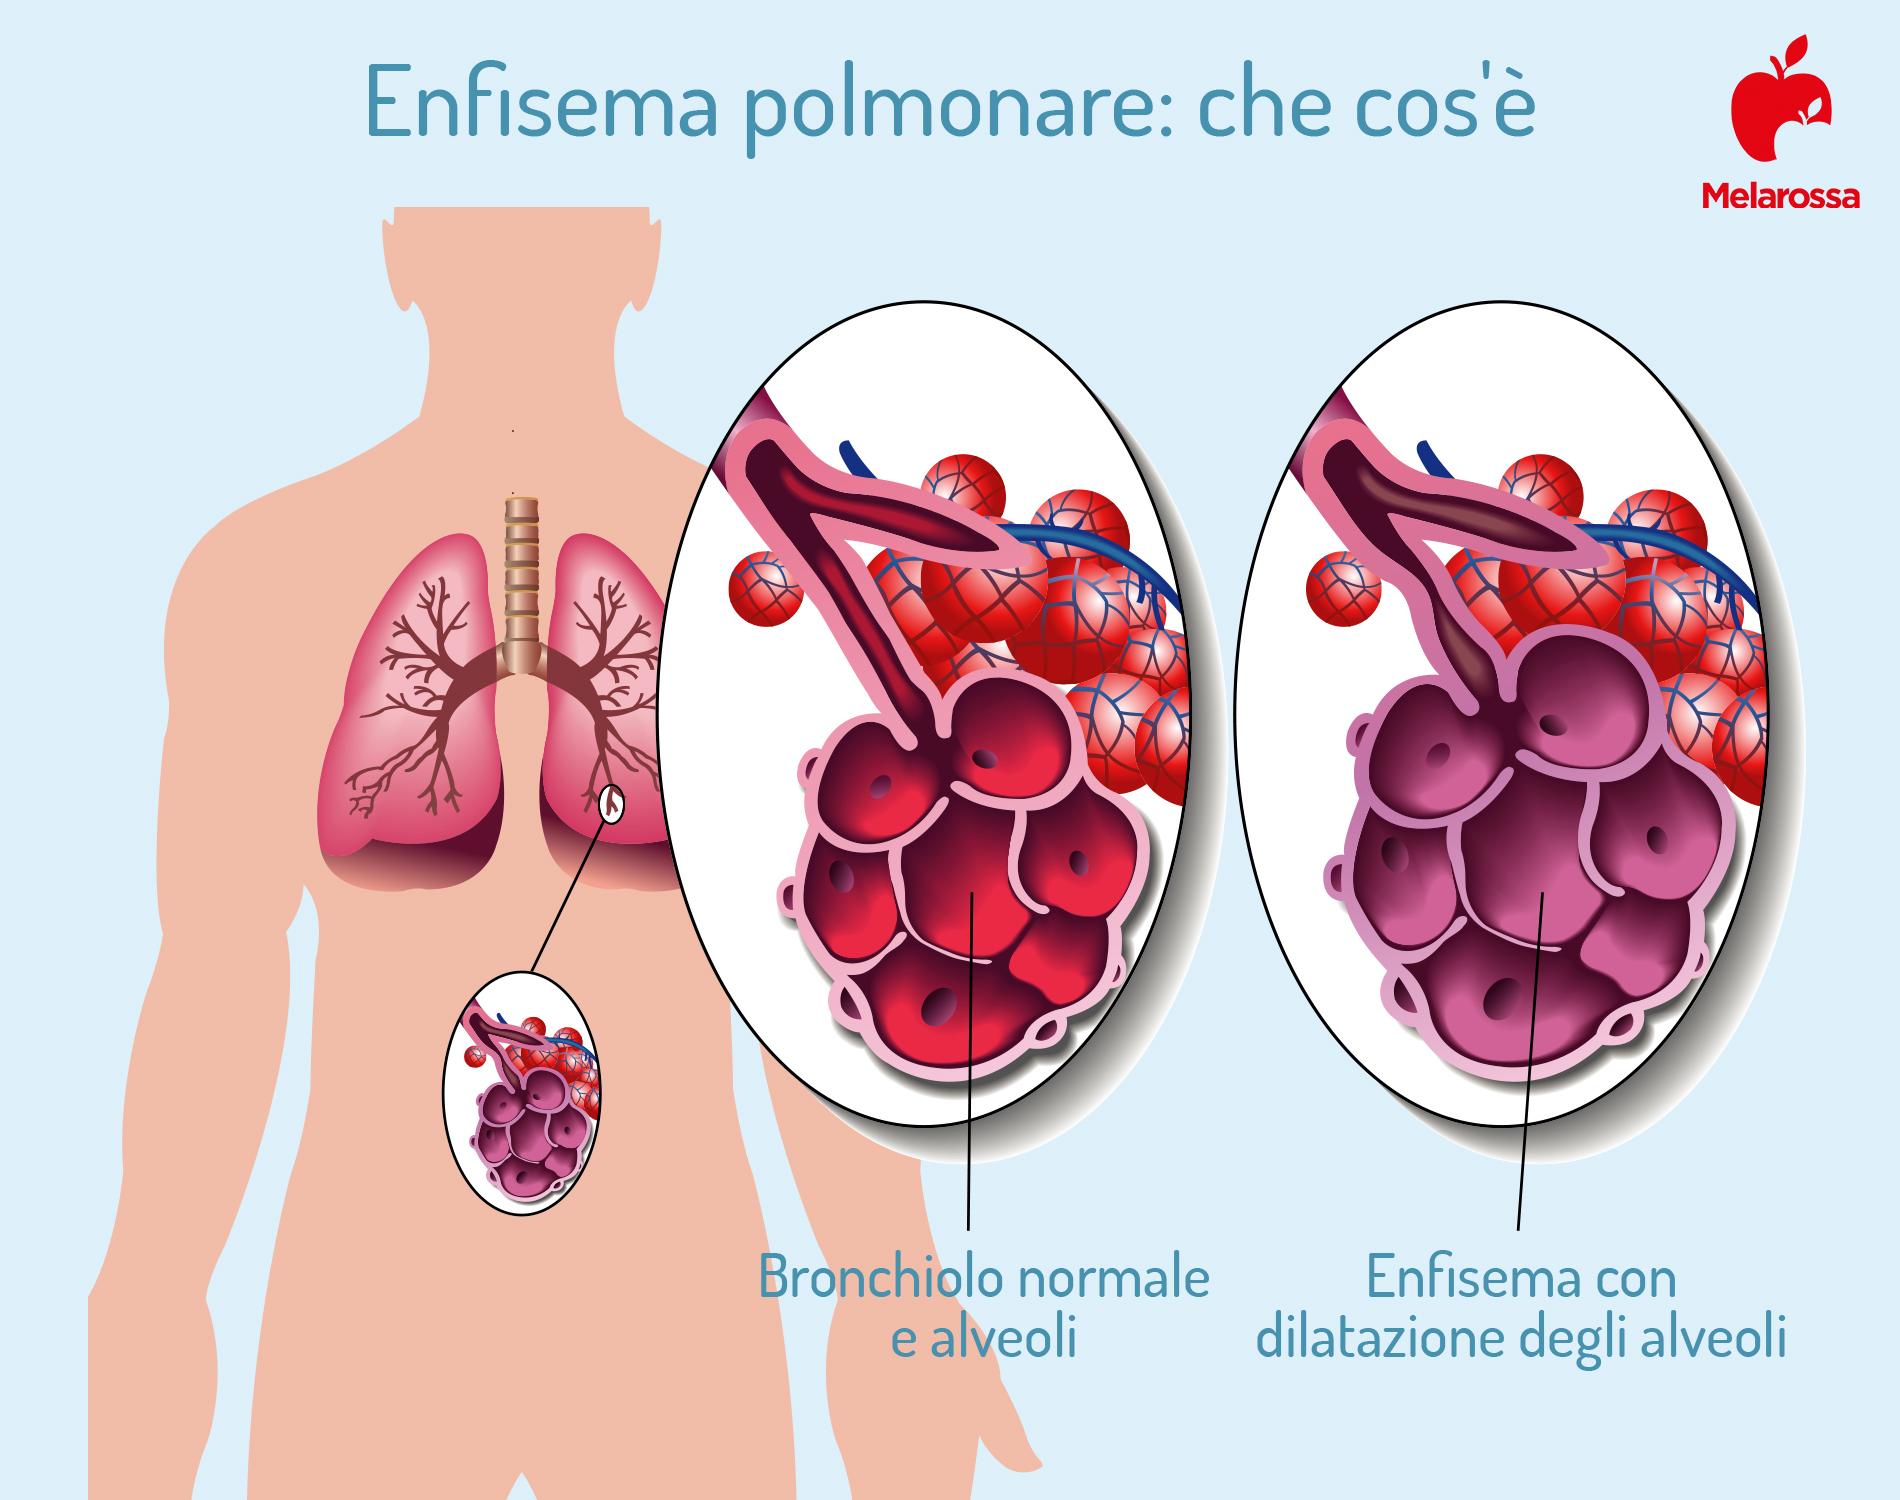 enfisema polmonare: che cos'è